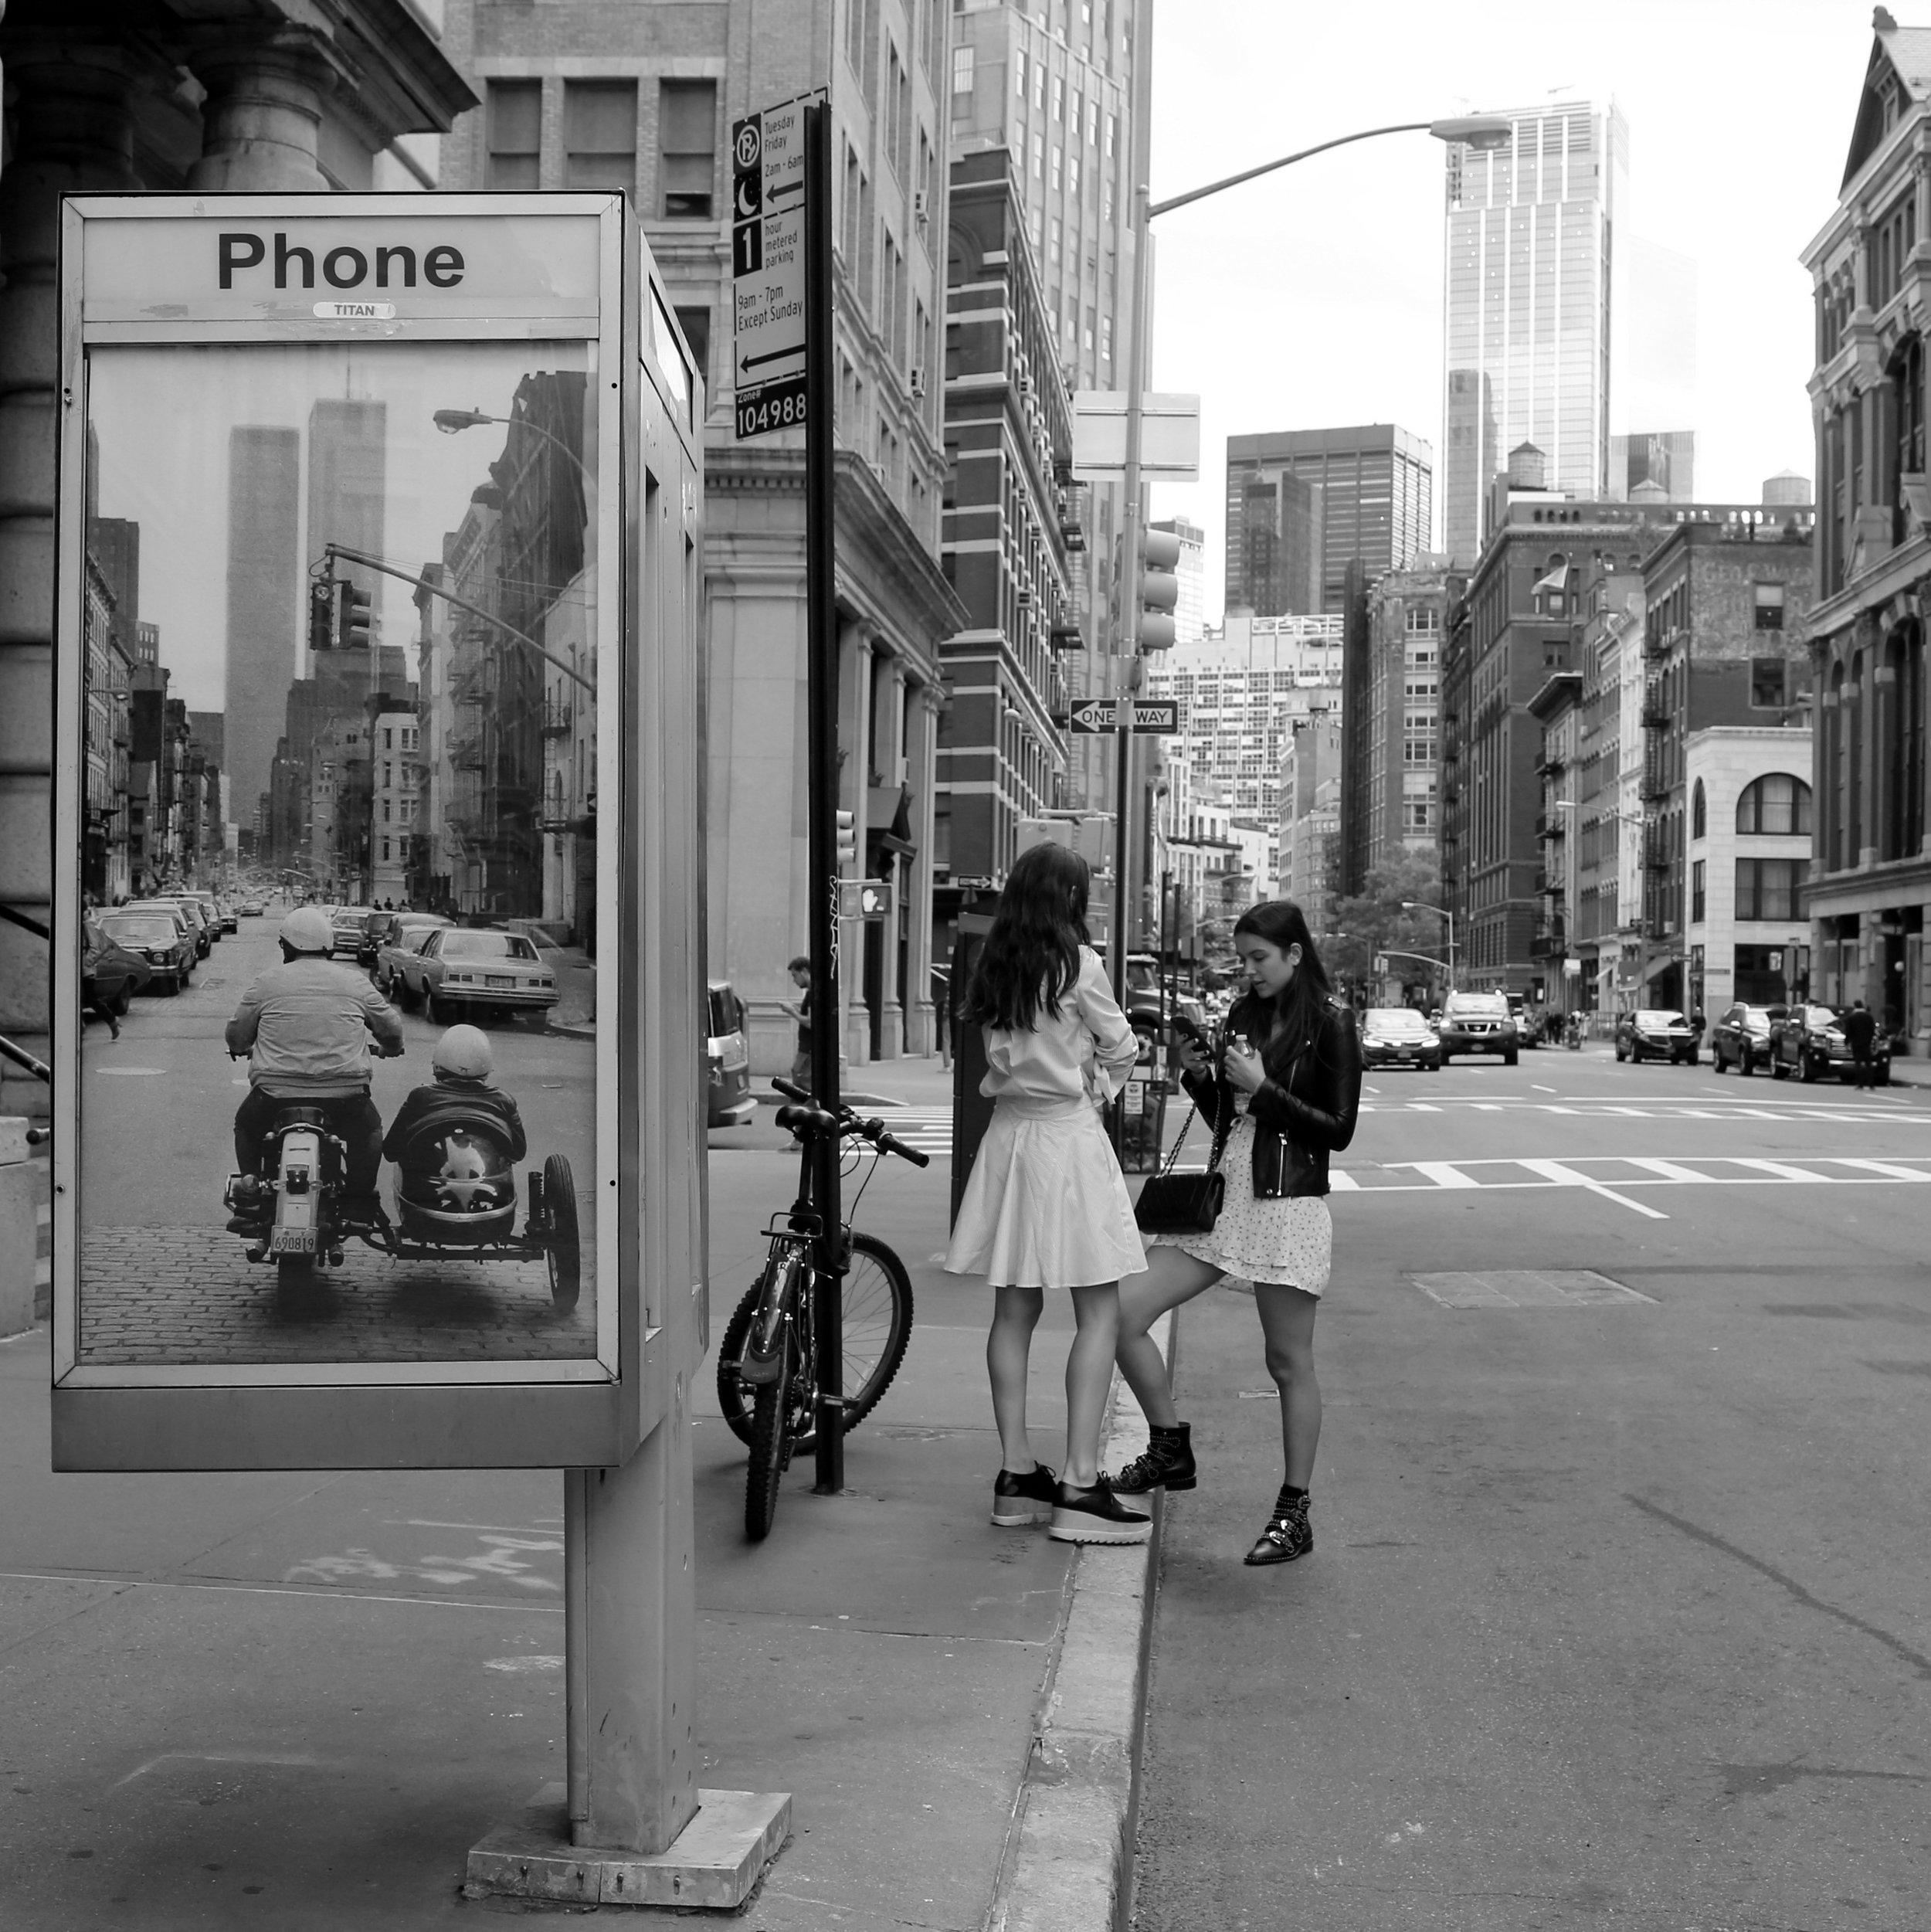 Original photo by Martha Cooper. Installation photo by Luna Park.